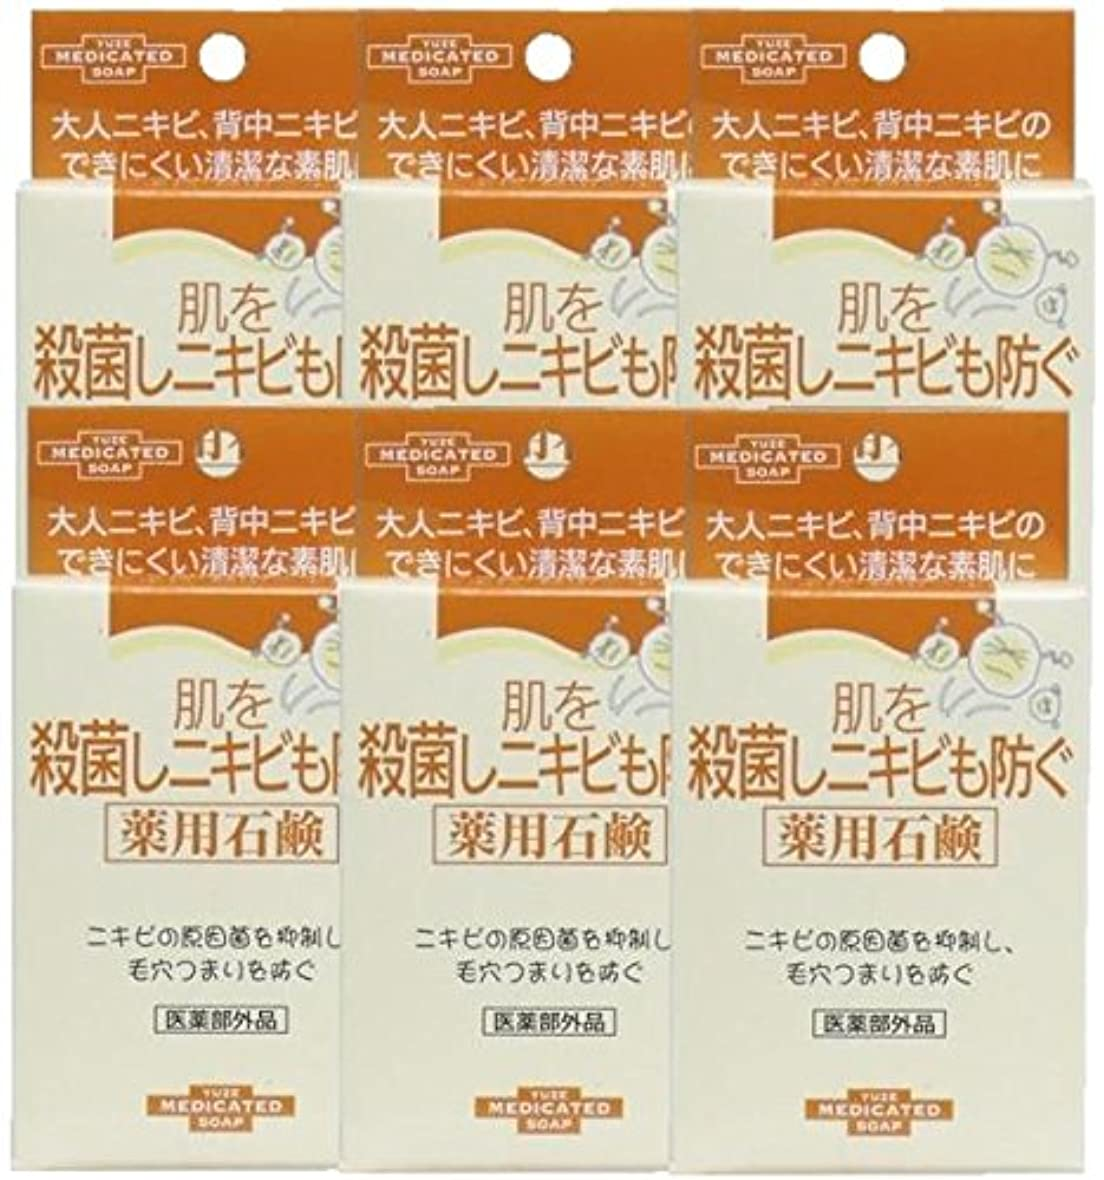 私たちのもの任意比較的ユゼ 肌を殺菌しニキビも防ぐ薬用石鹸 (110g)×6個セット